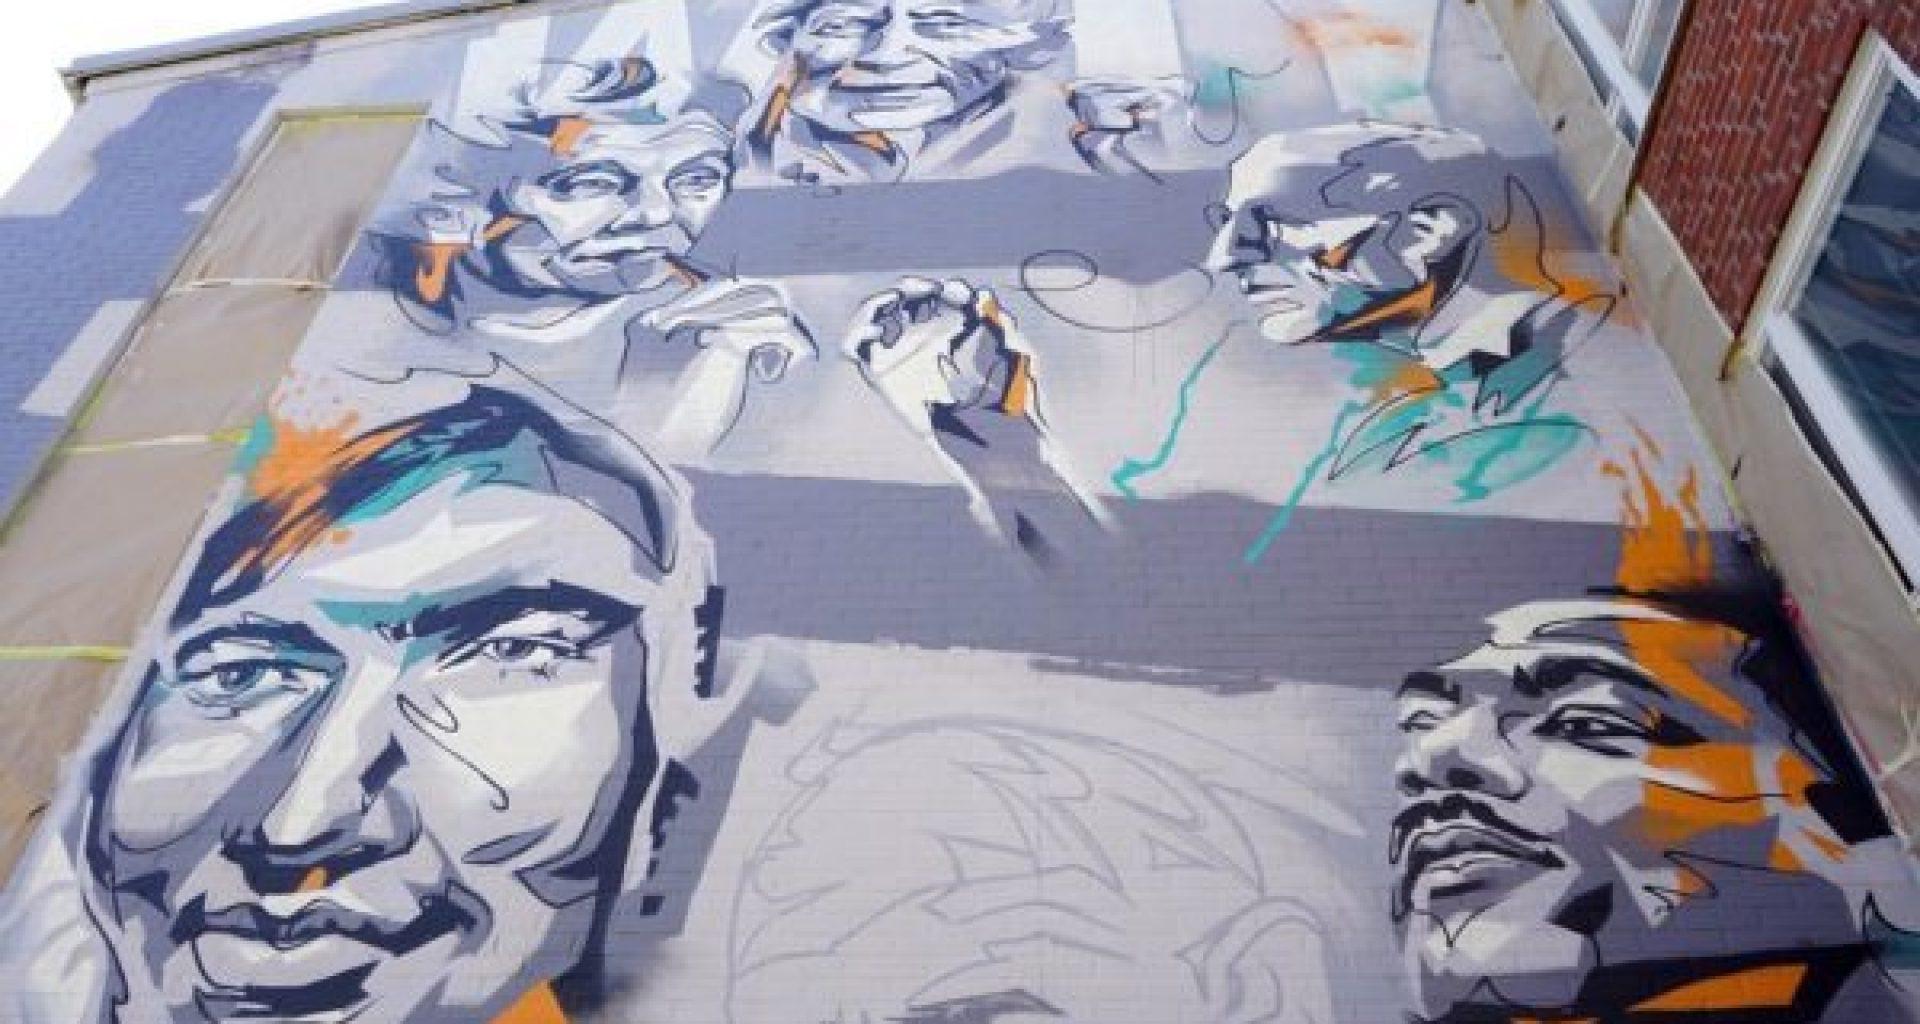 graffiti-3681084_960_720